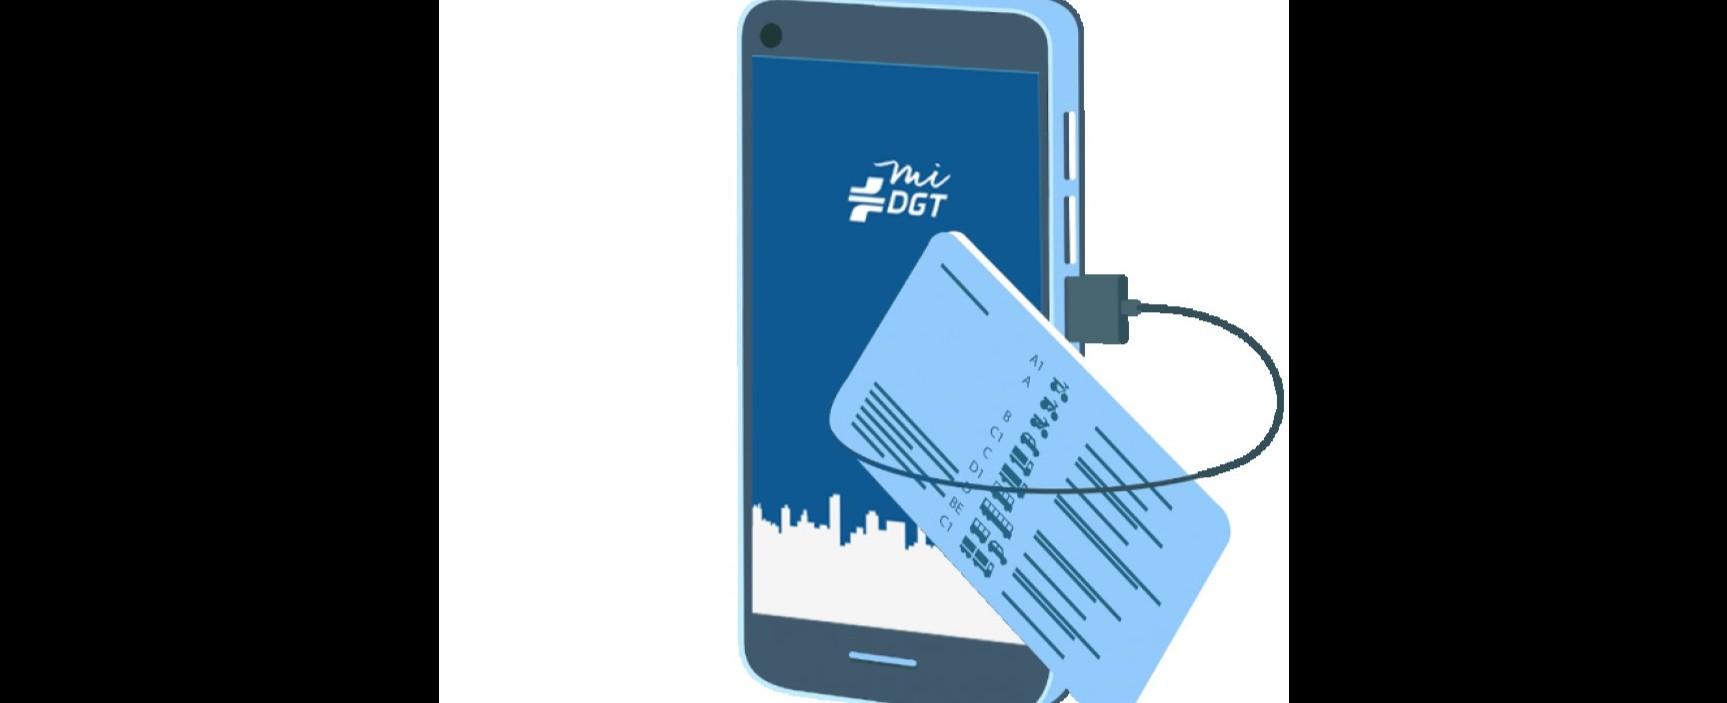 Mi DGT: podremos llevar nuestro carnet en el móvil